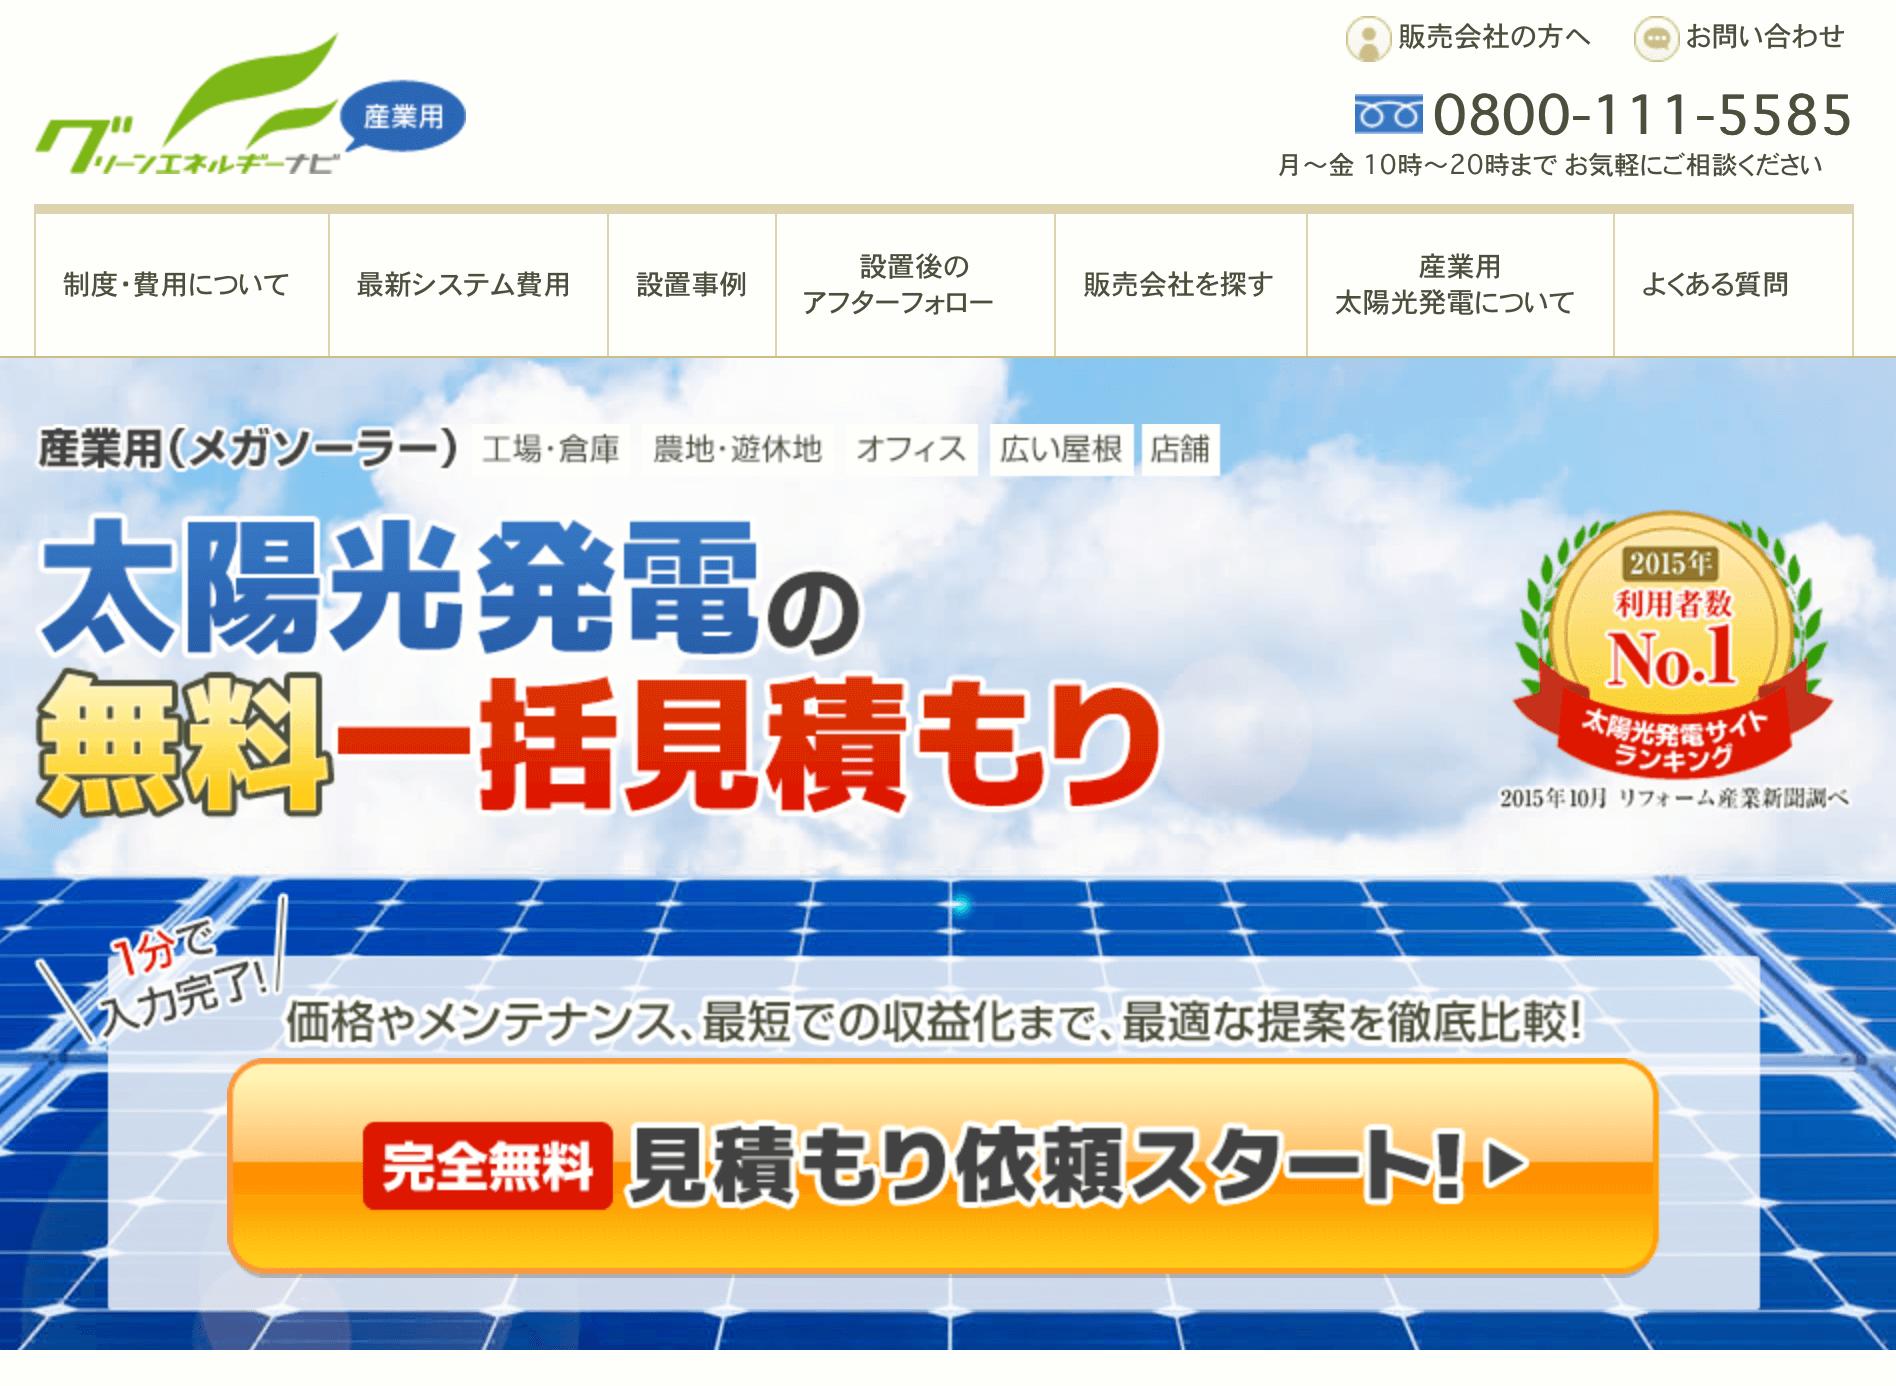 グリーンエネルギーナビ産業用の公式ページ